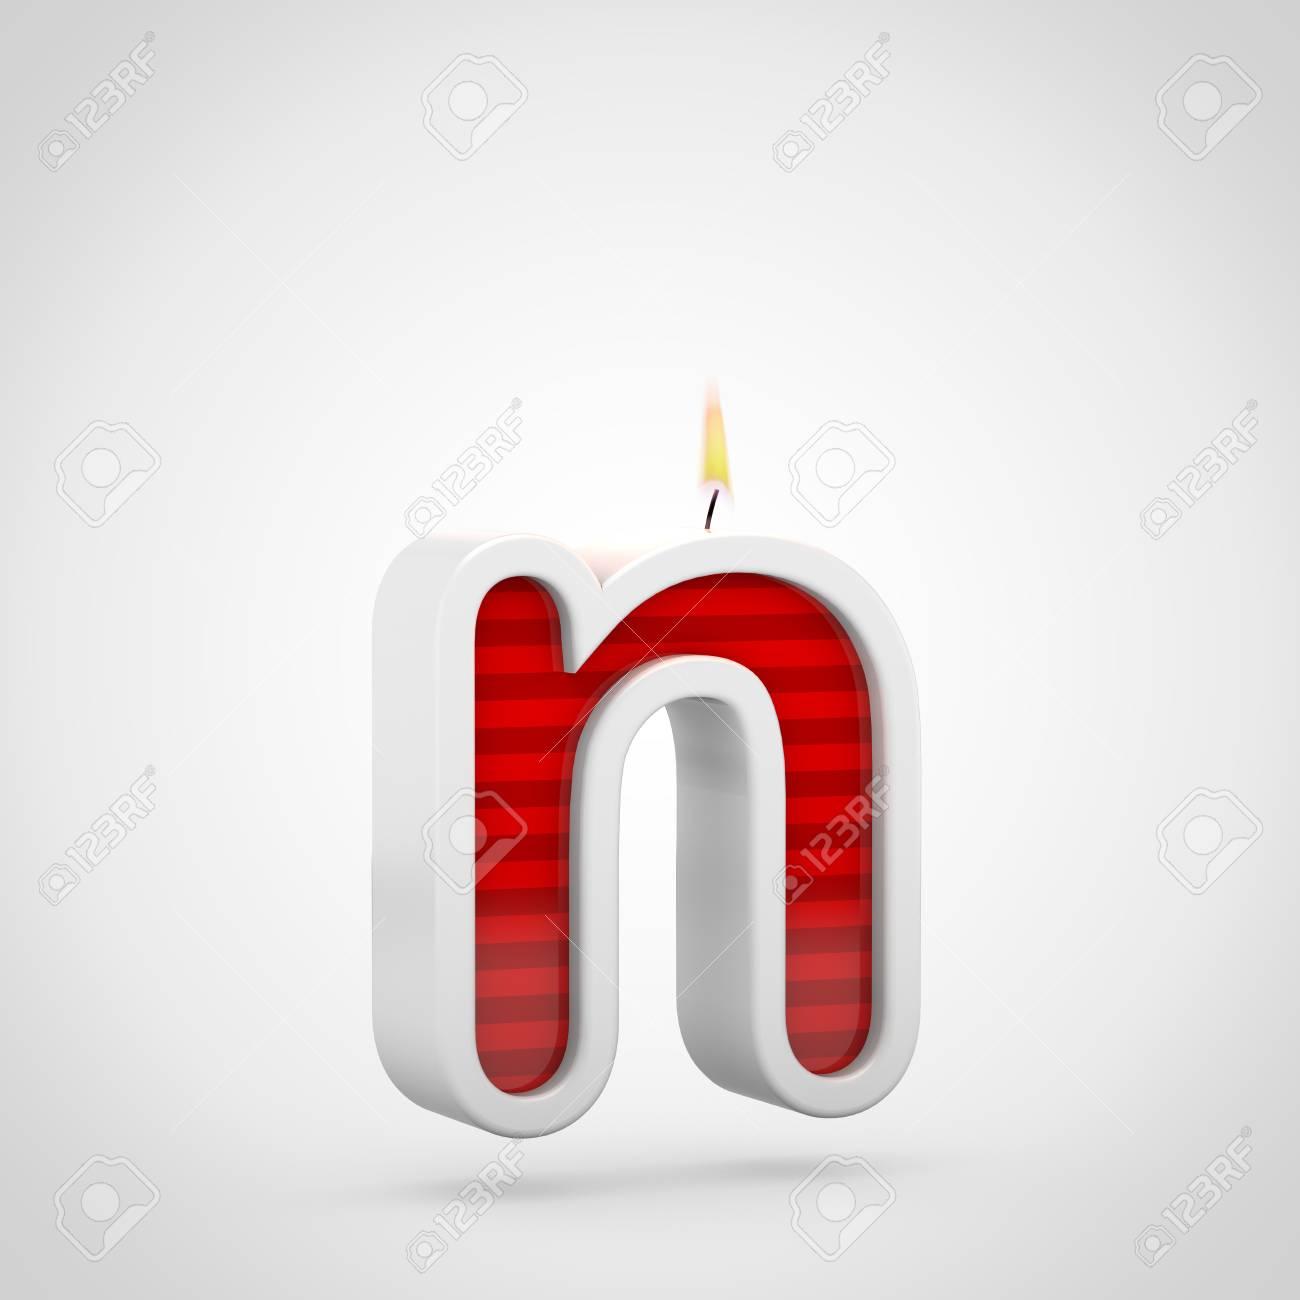 Cumpleaños Vela Letra N Minúscula 3d Rinden De Fuente Roja De La Vela De La Torta Con La Mecha Y La Llama Aisladas En El Fondo Blanco